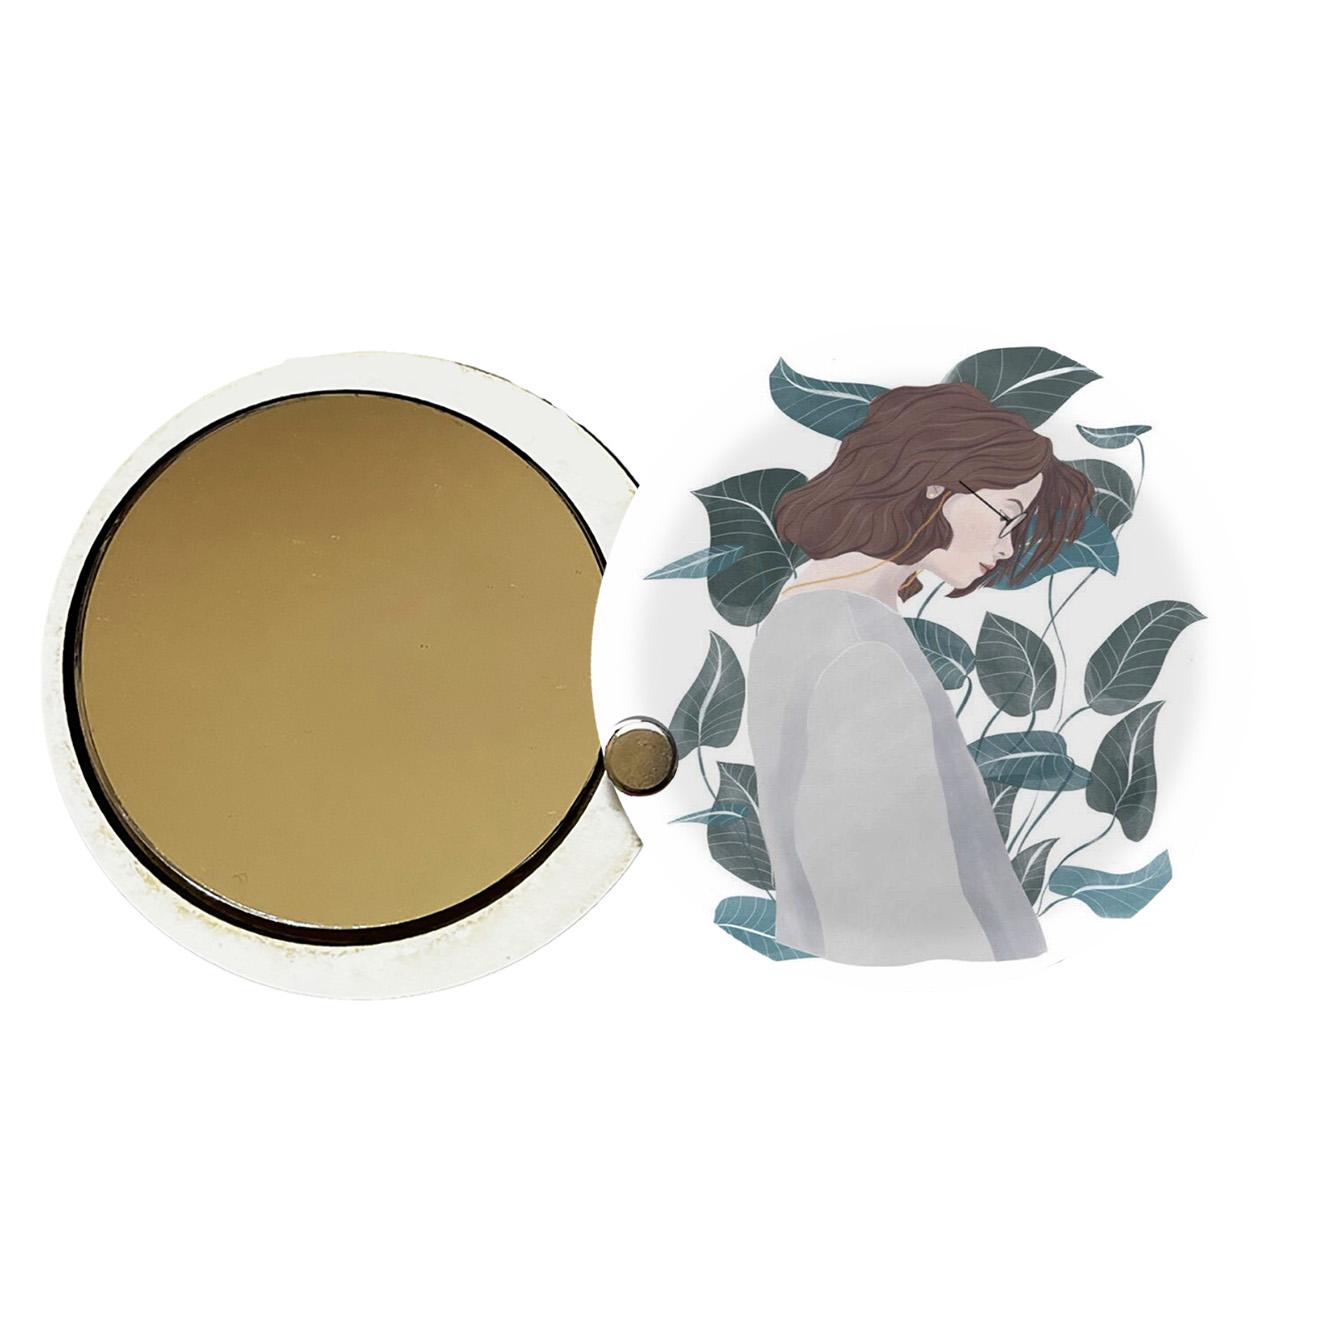 آینه جیبی طرح دخترانه کد ay99